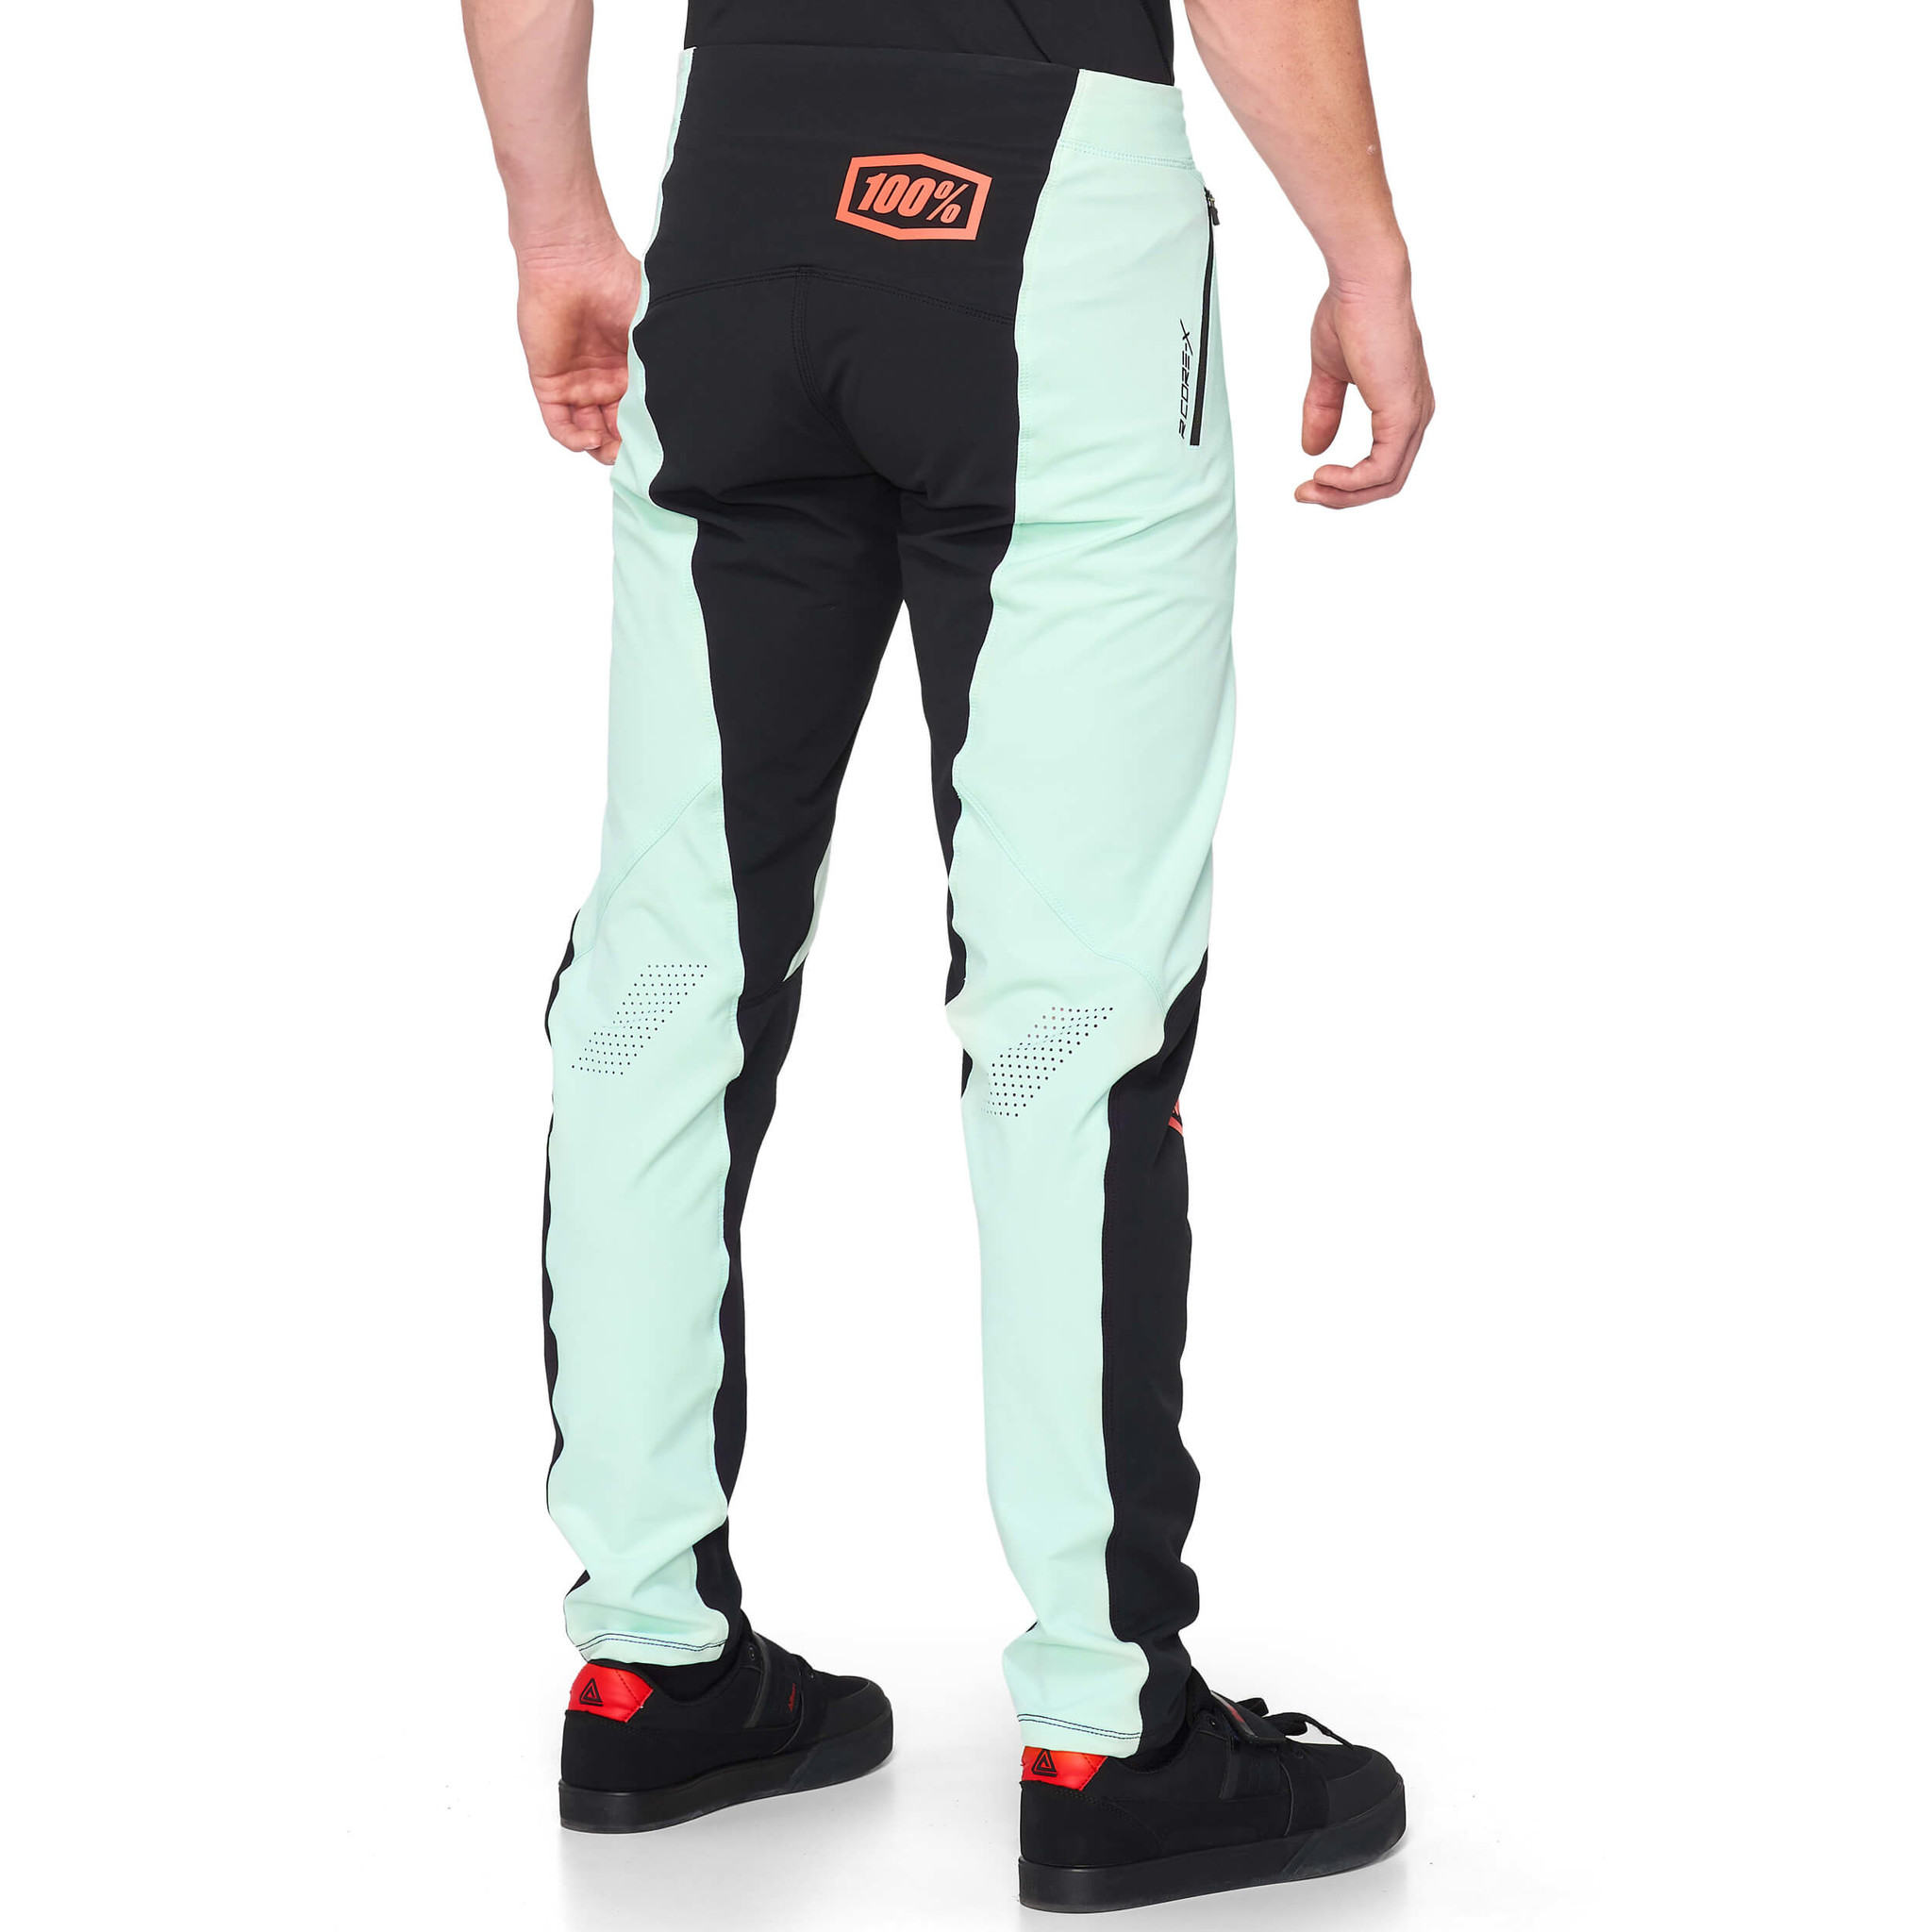 R-Core X Pants-6